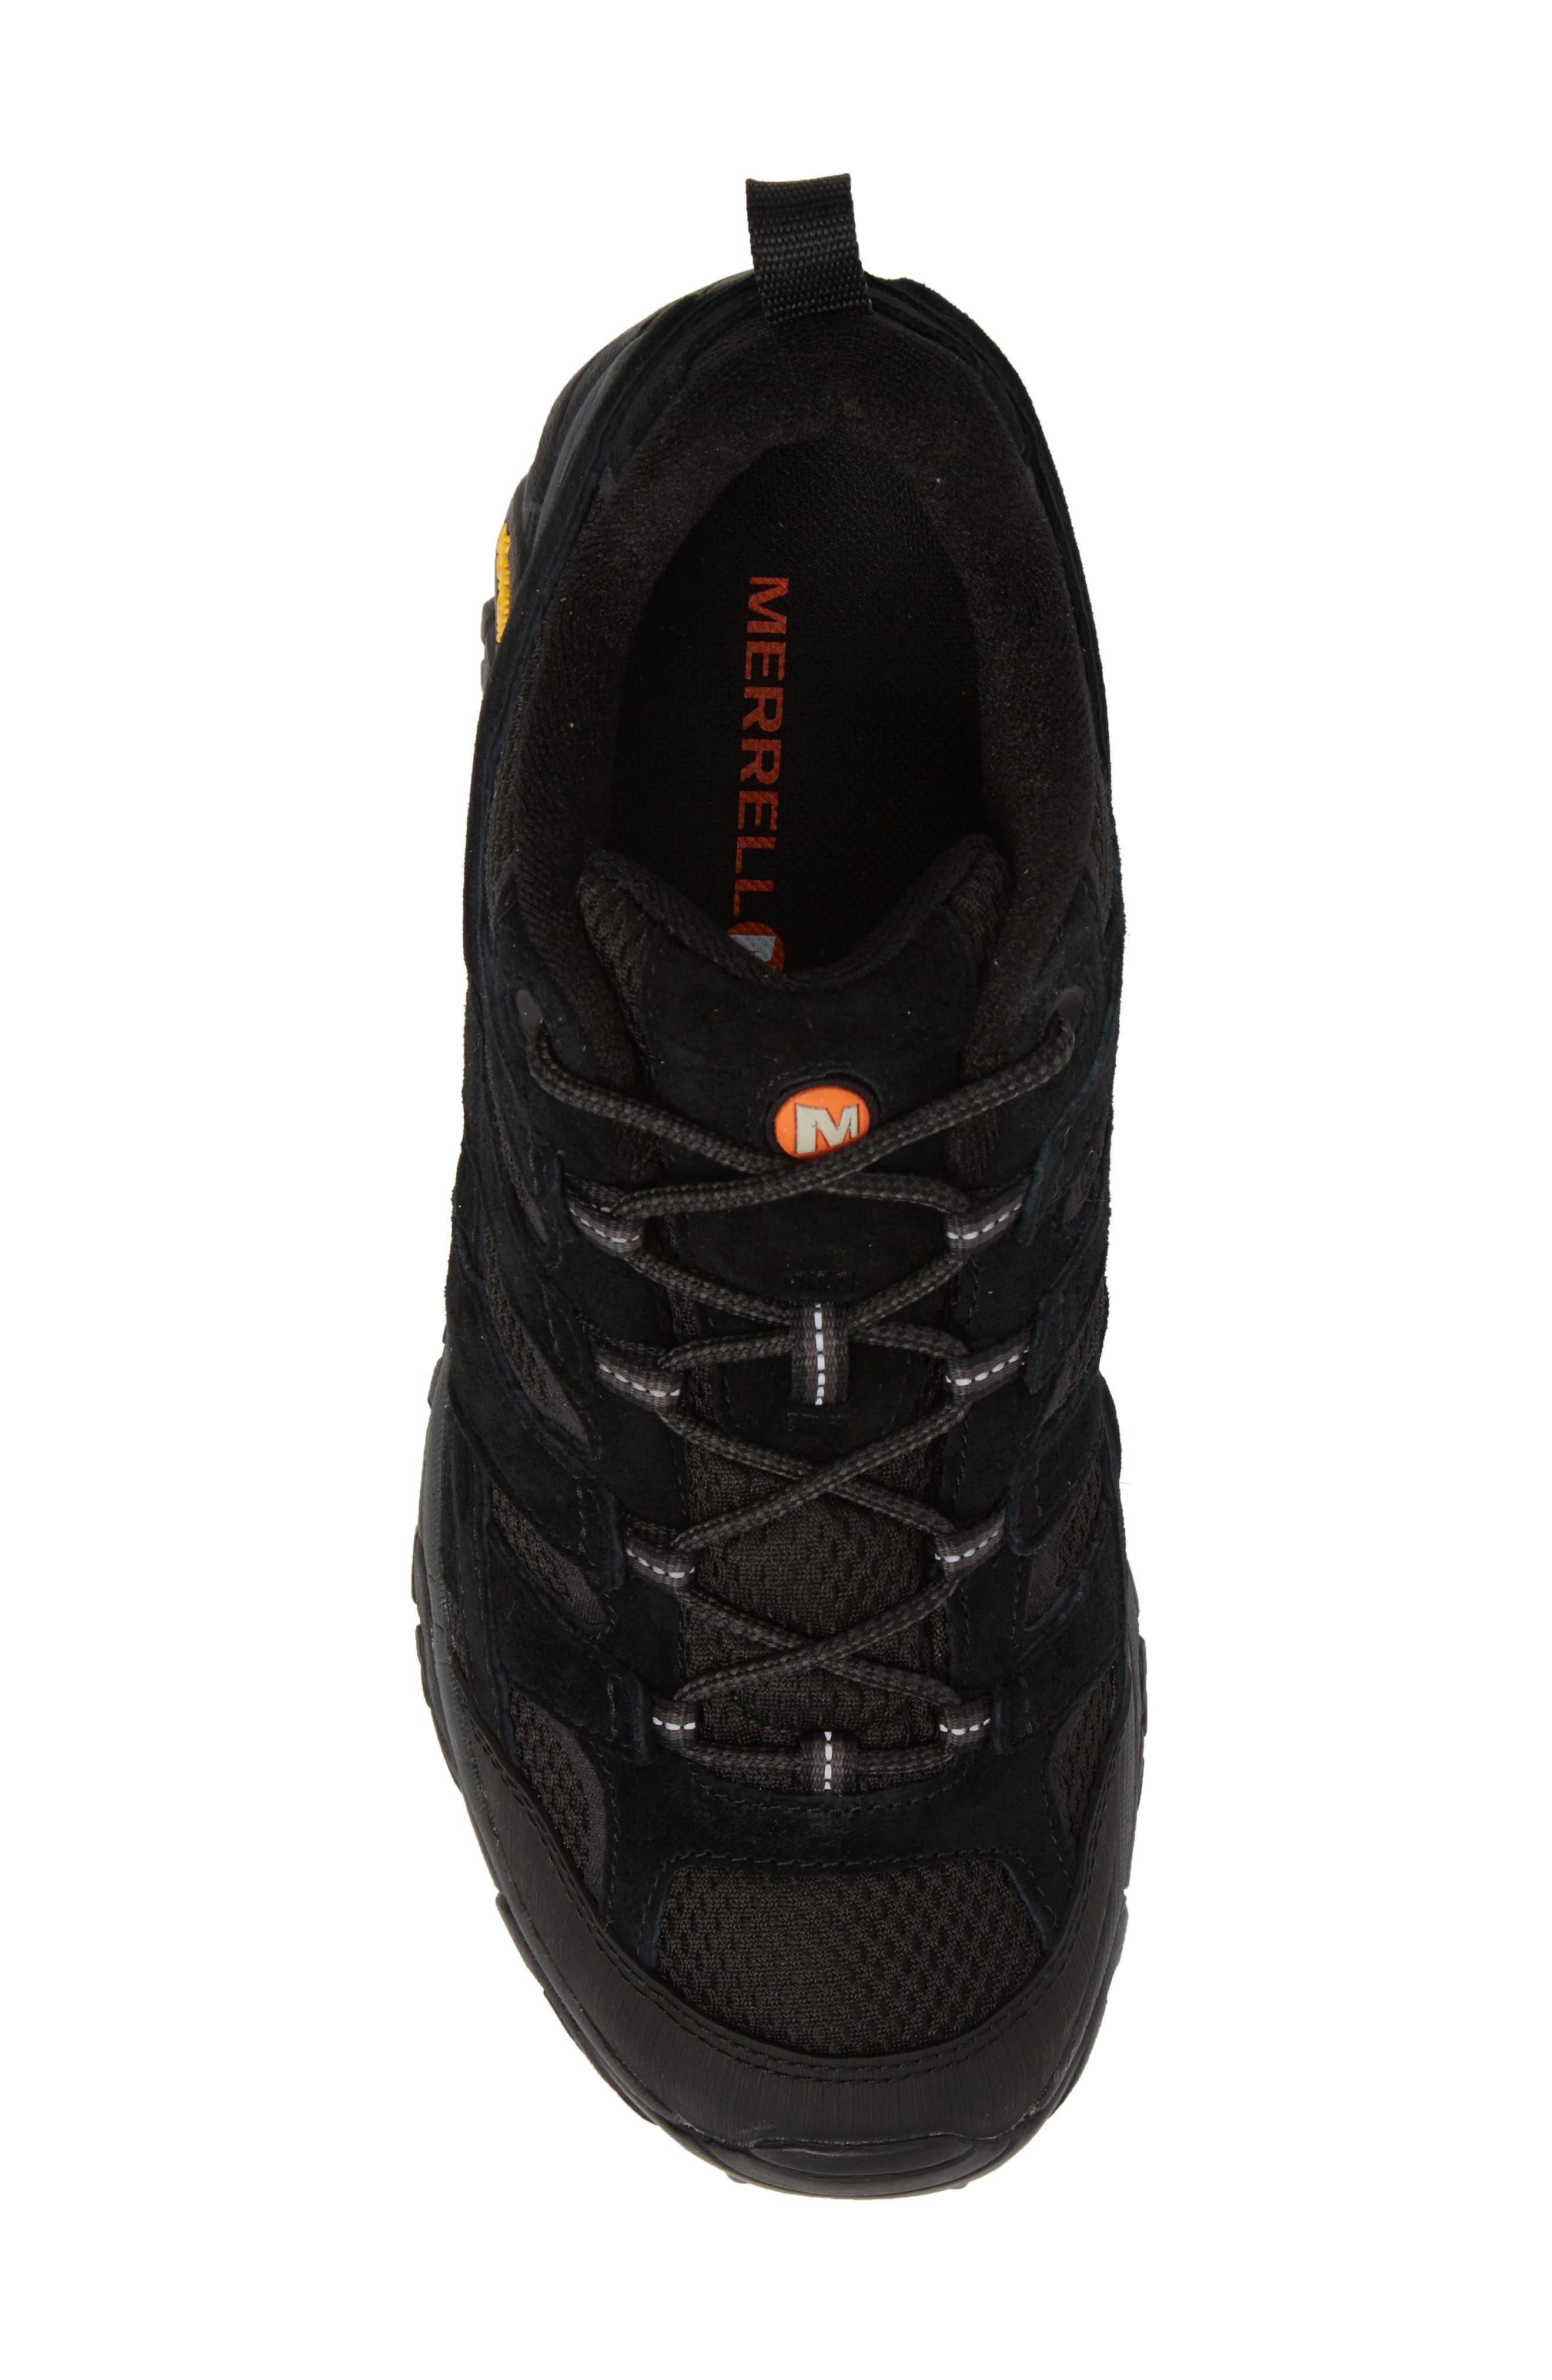 Moab 2 Ventilator Hiking Shoe,                             Alternate thumbnail 5, color,                             BLACK NIGHT